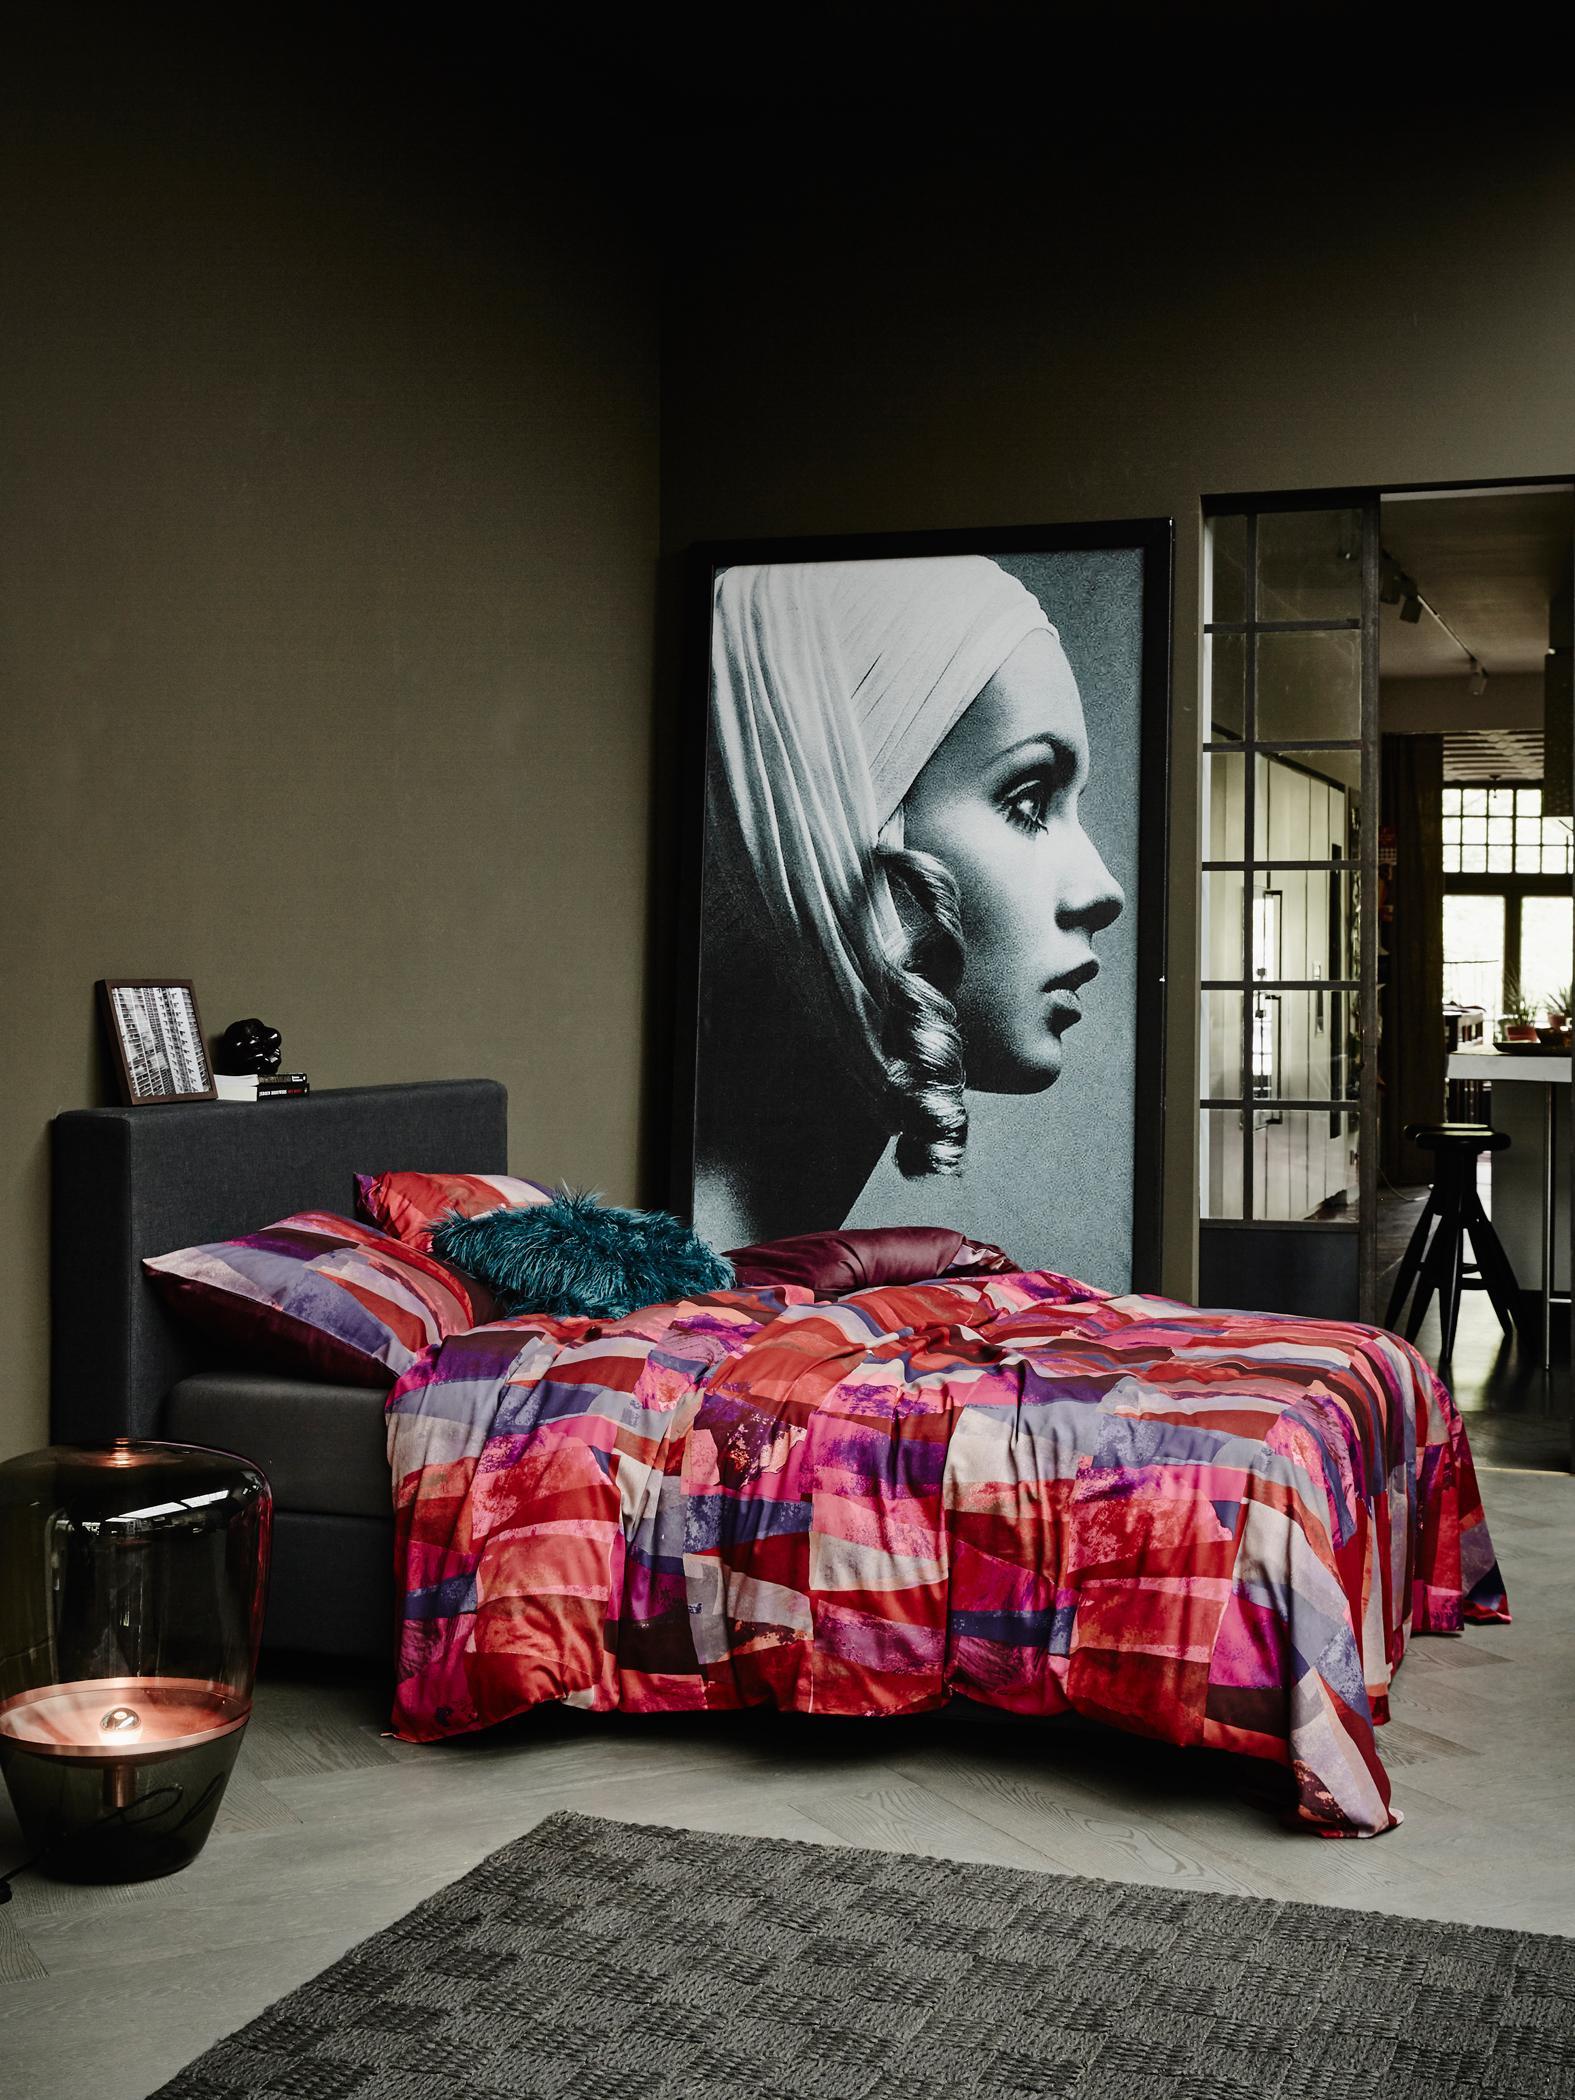 schlafzimmer wandgestaltung bilder ideen couch. Black Bedroom Furniture Sets. Home Design Ideas